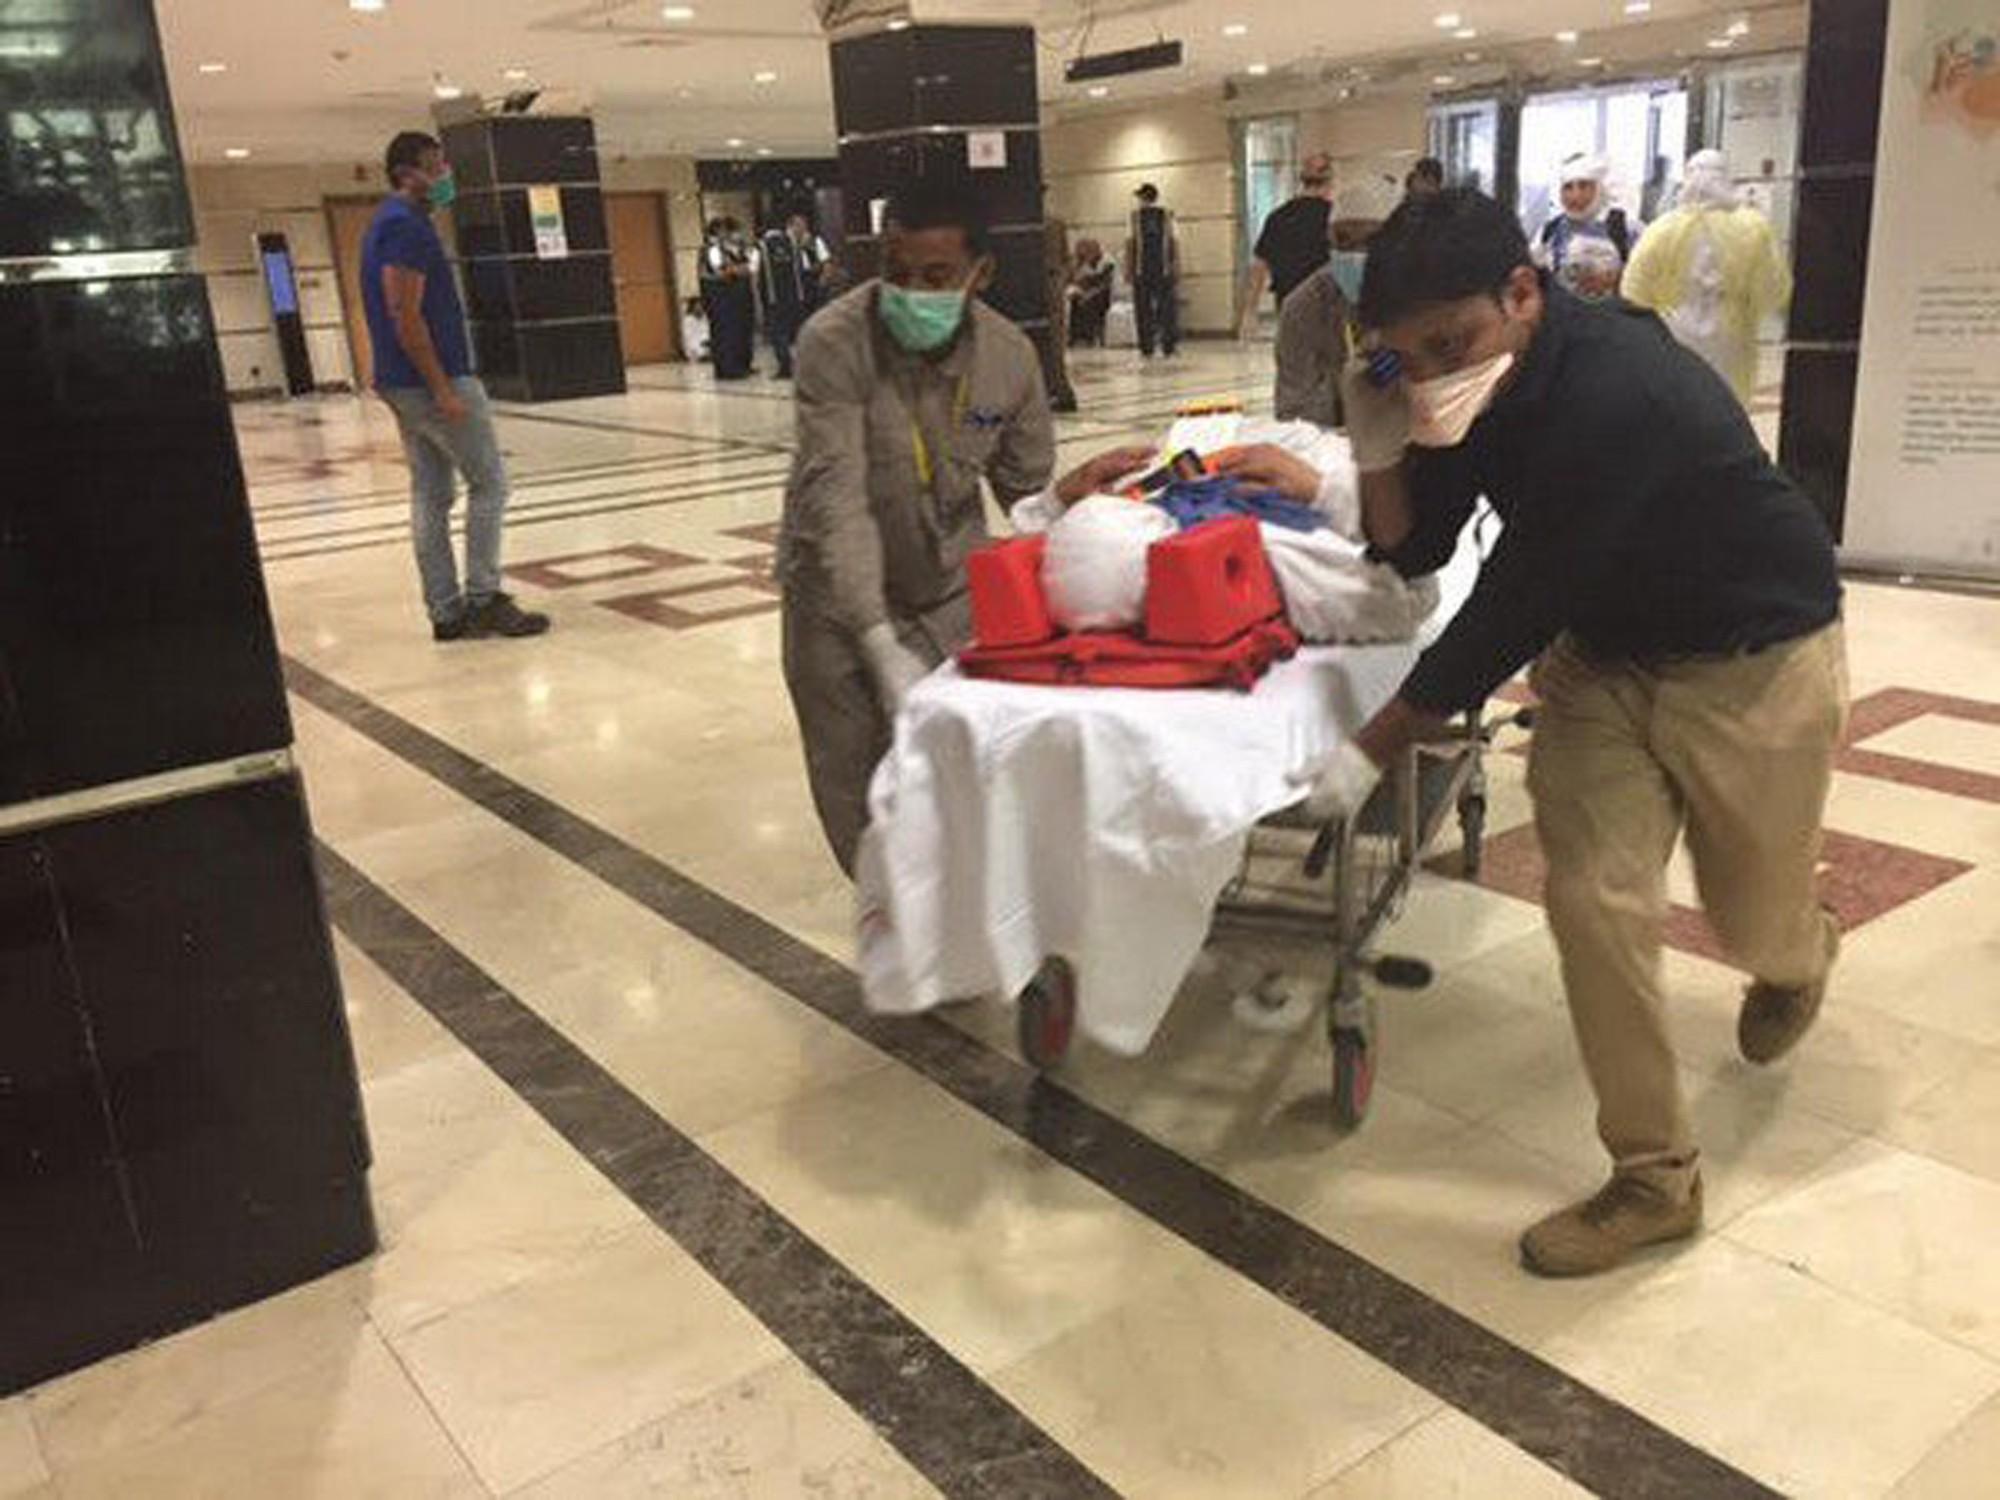 Сотрудники скорой помощи оказывают помощь пострадавшему